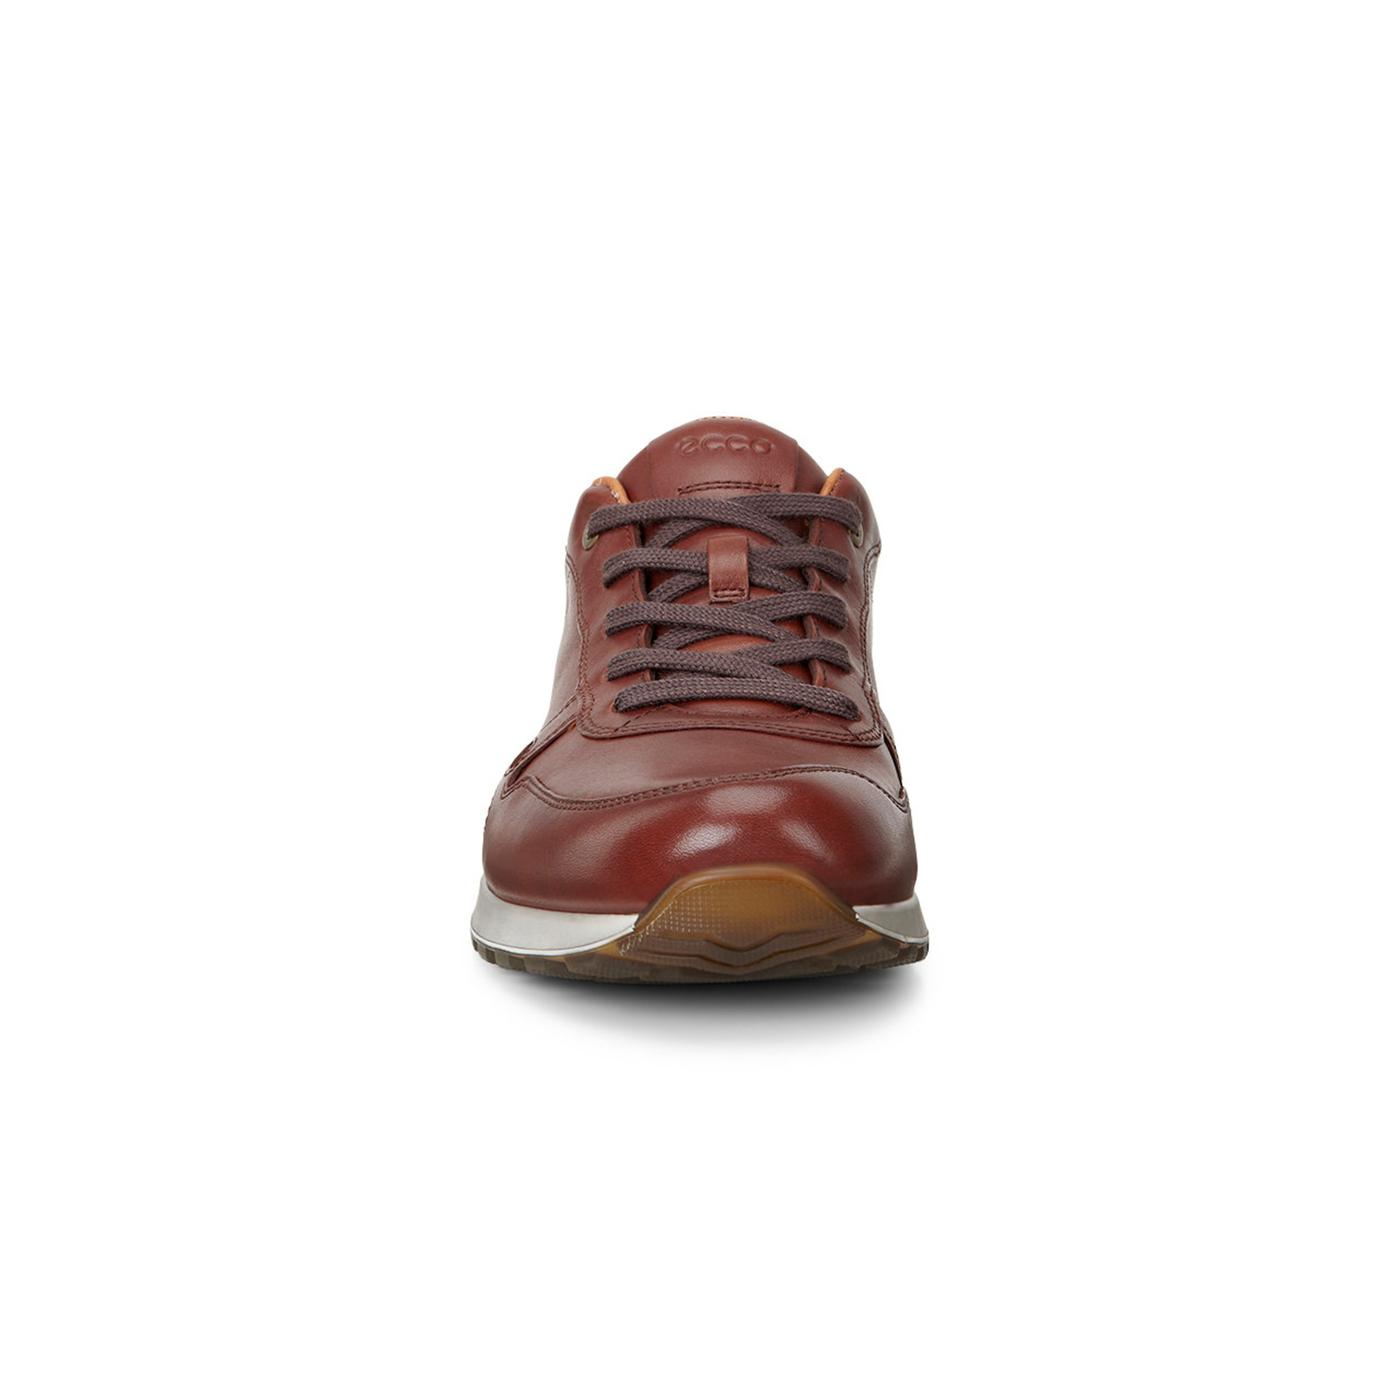 ECCO CS14 MEN'S Sneaker